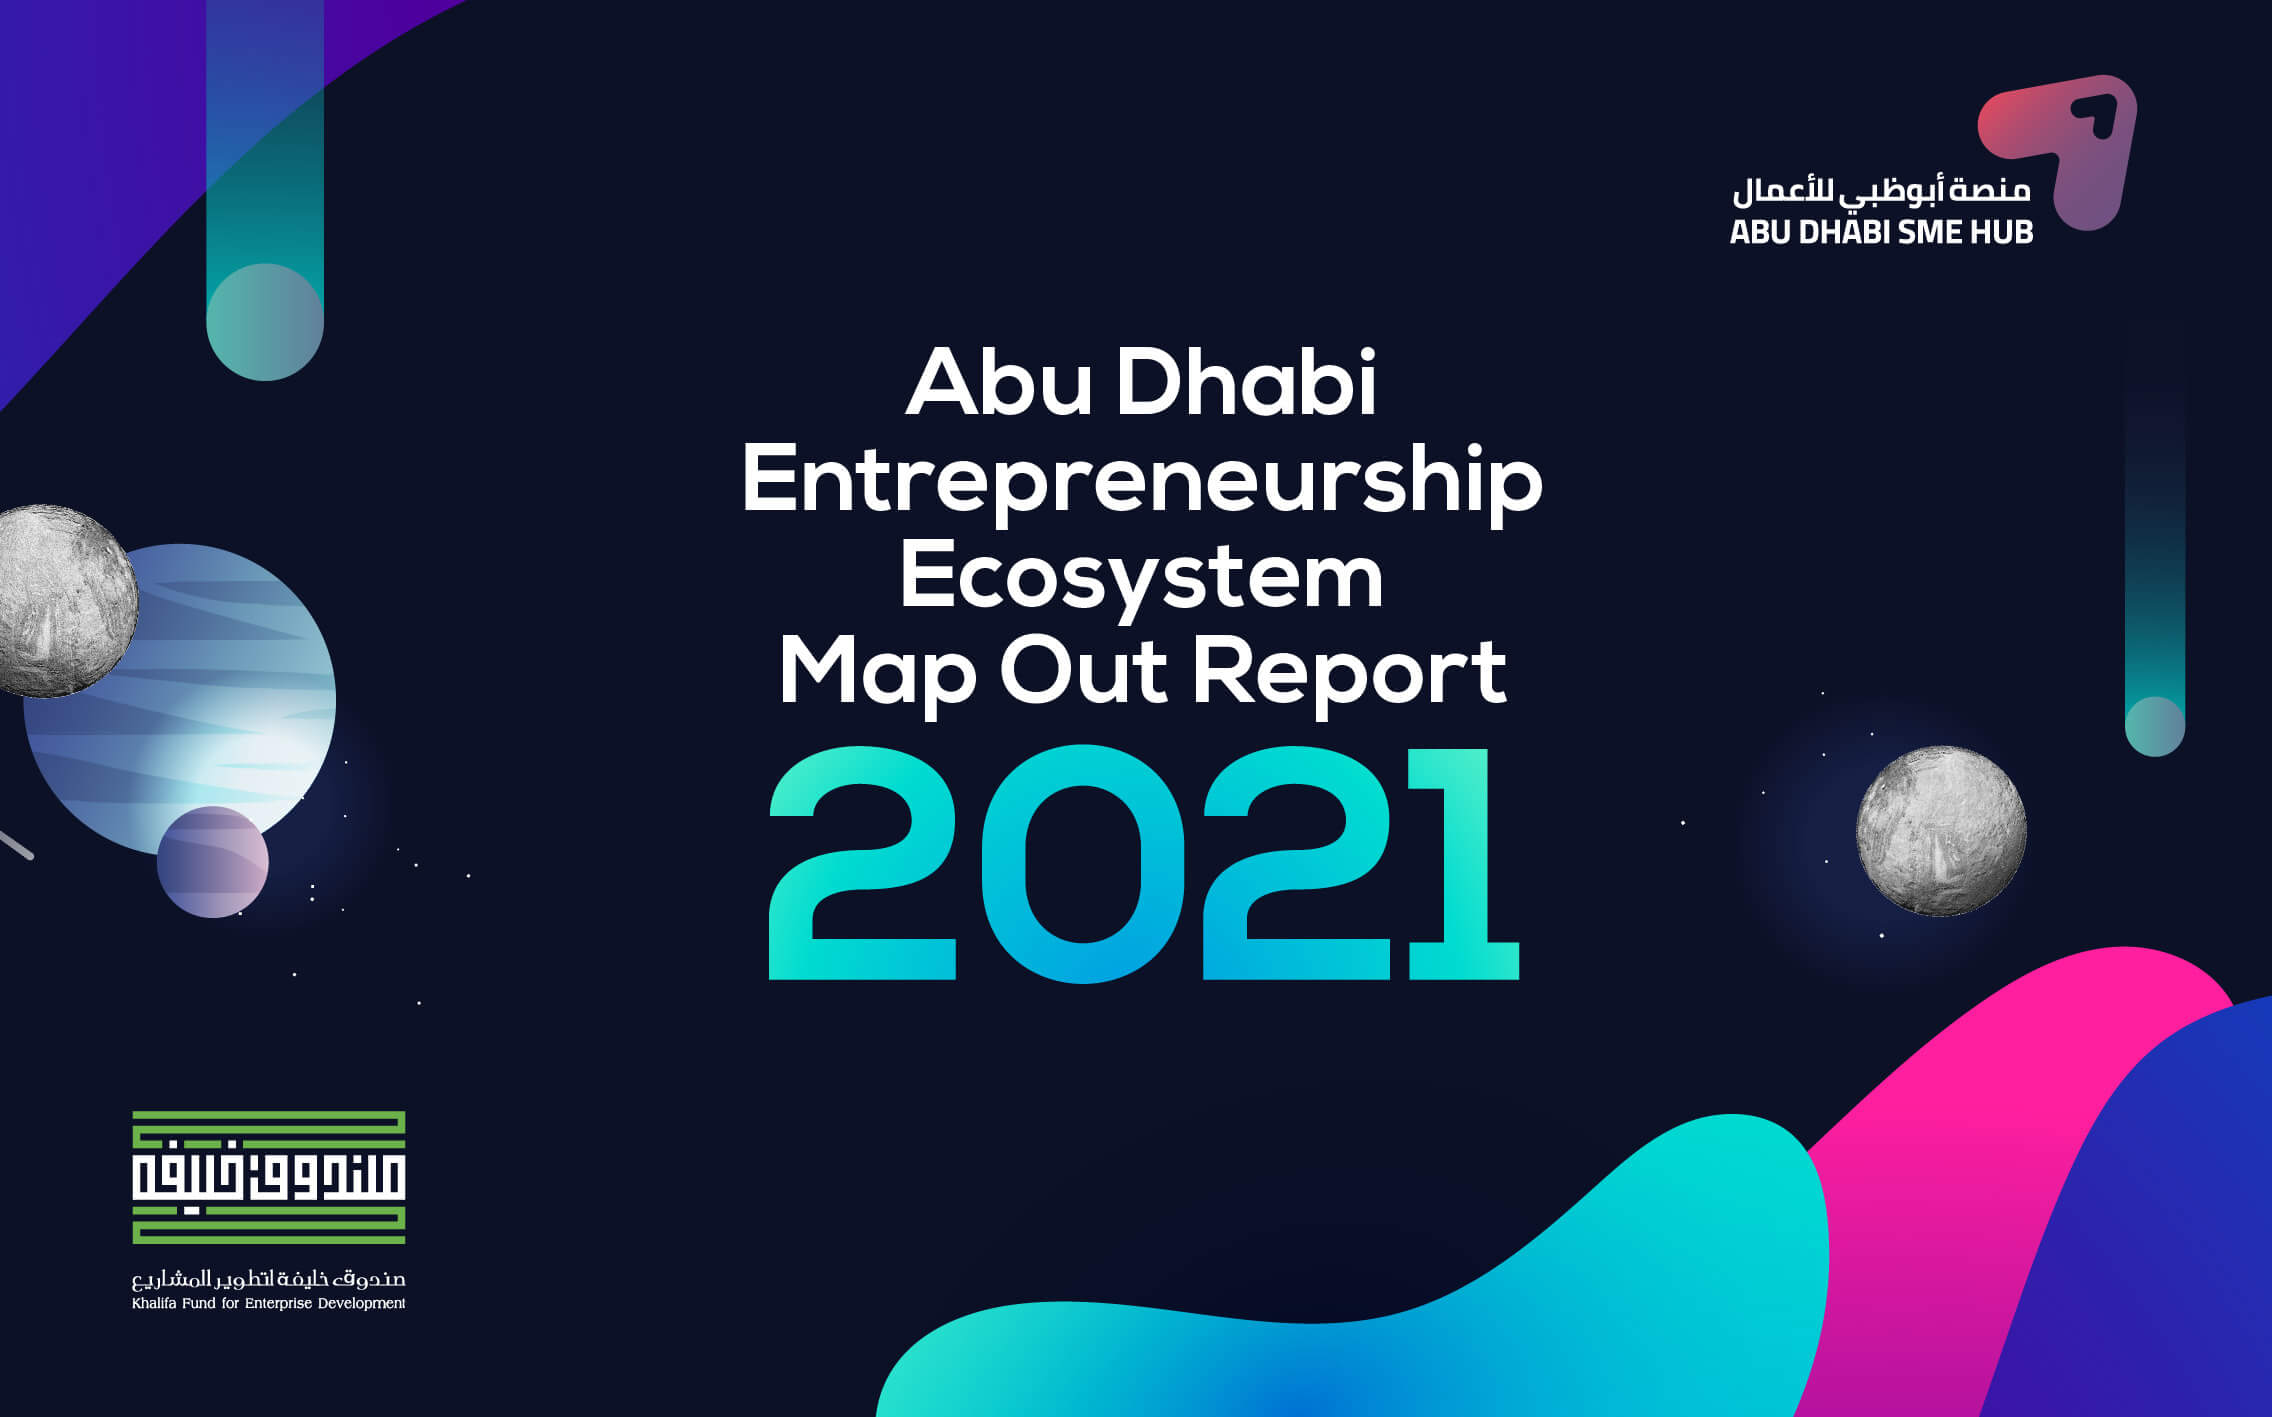 """تنشر منصة أبو ظبي للأعمال تقريرًا عن """"تحديد النظام البيئي للأعمال"""""""